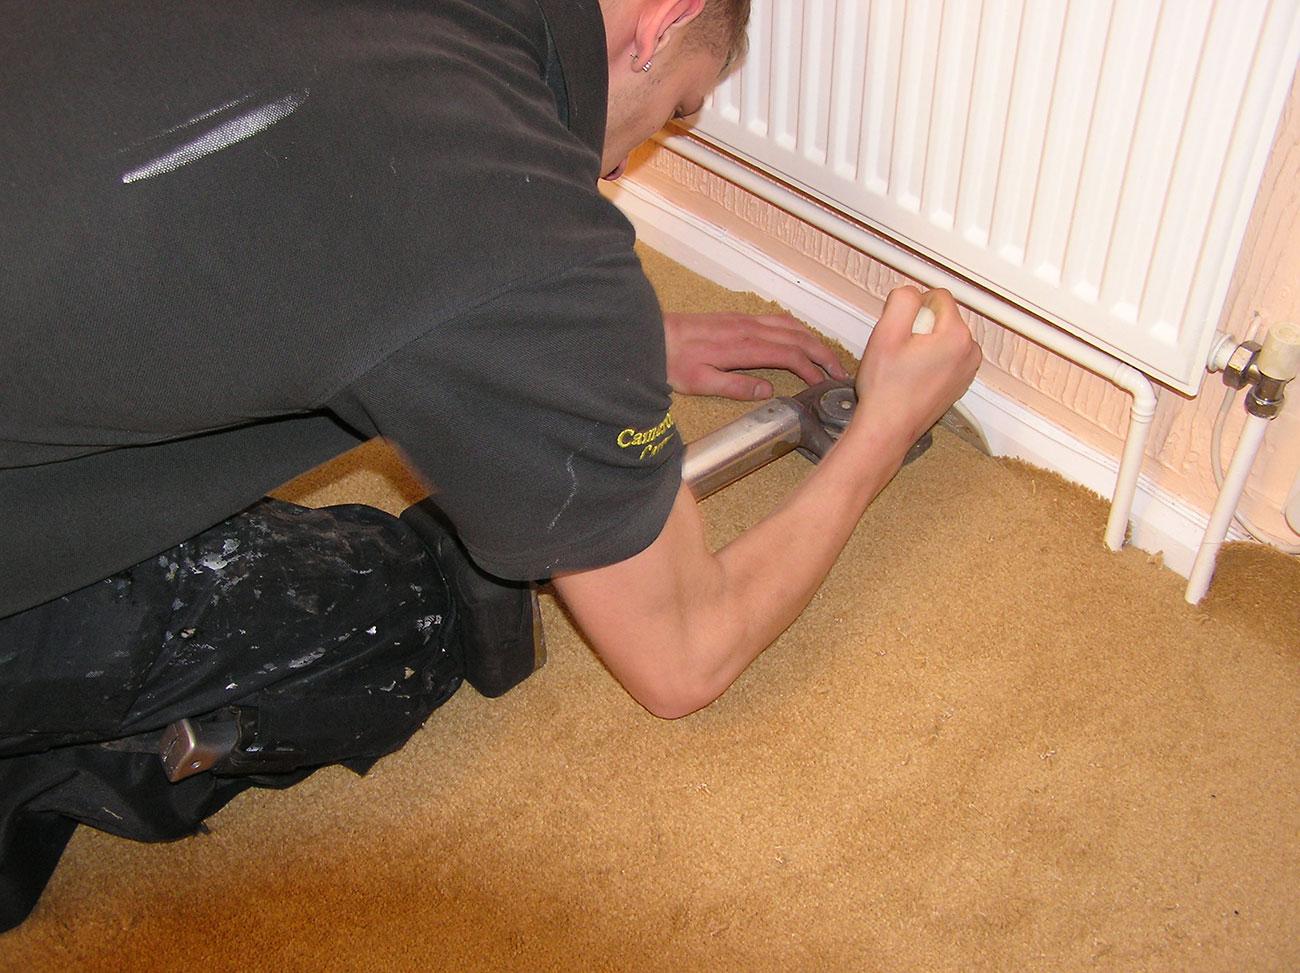 laying carpet safety